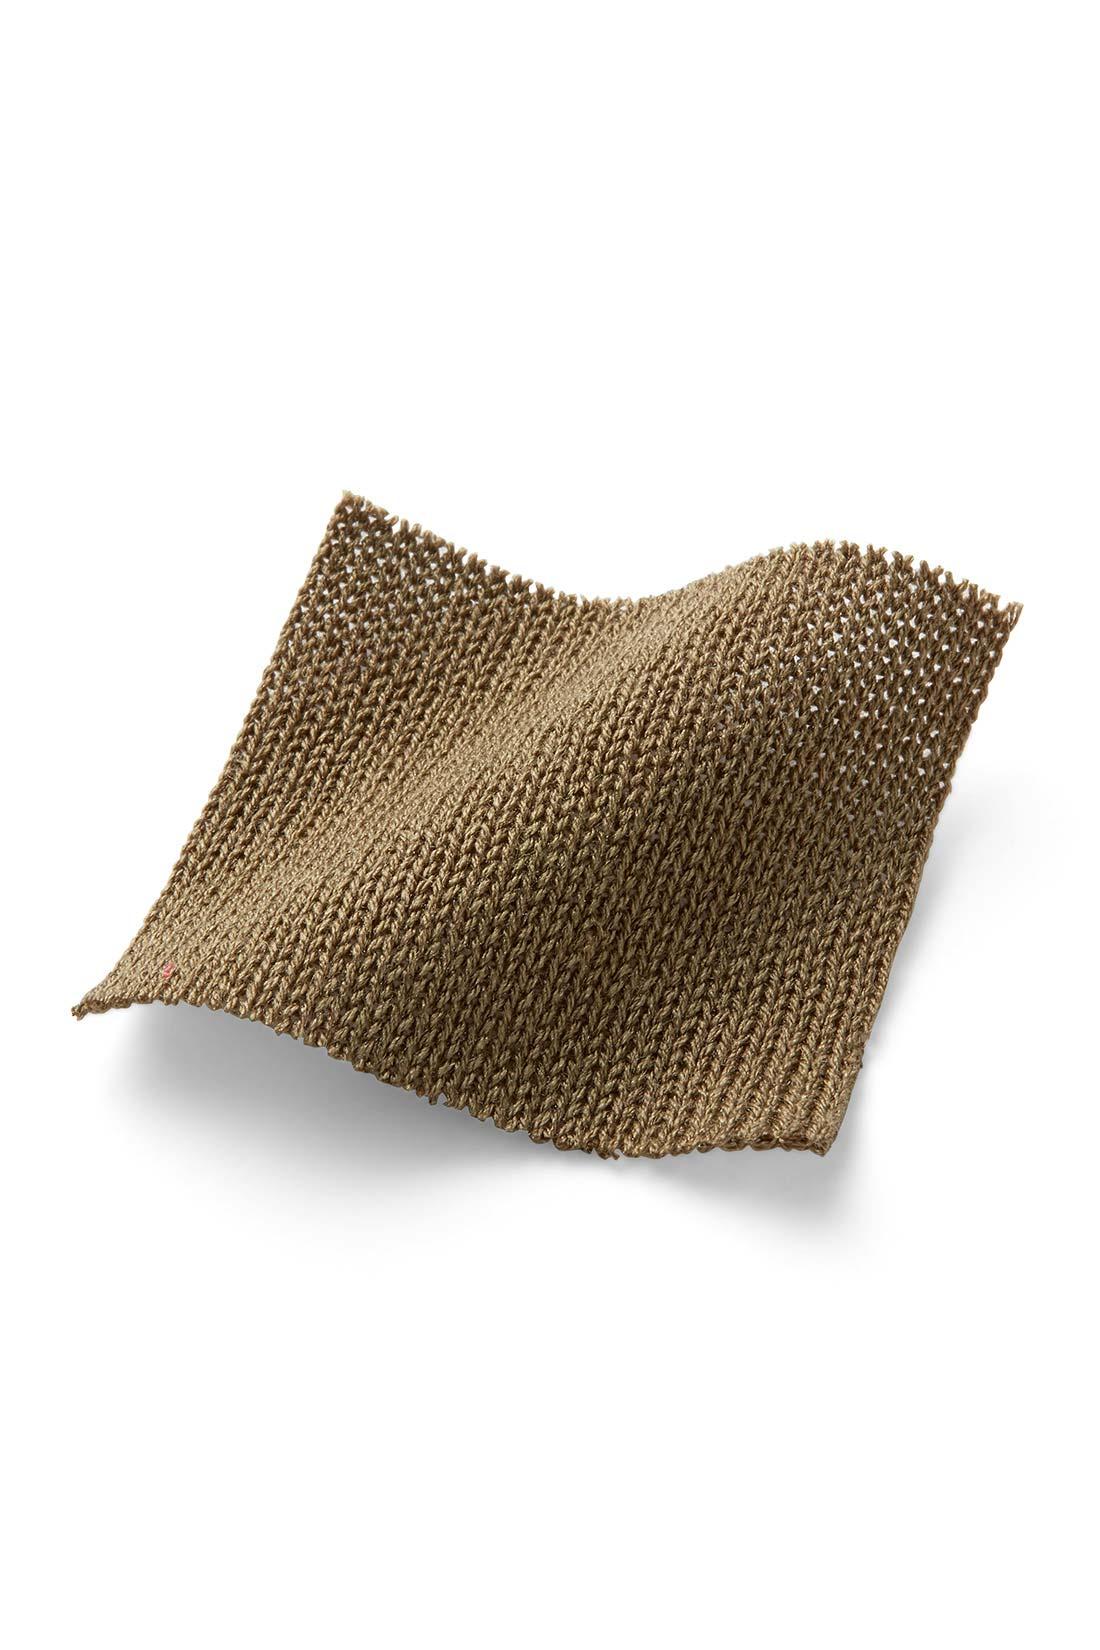 リネンタッチのアクリル素材はシャリ感があり汗ばむ季節でも快適な着心地。